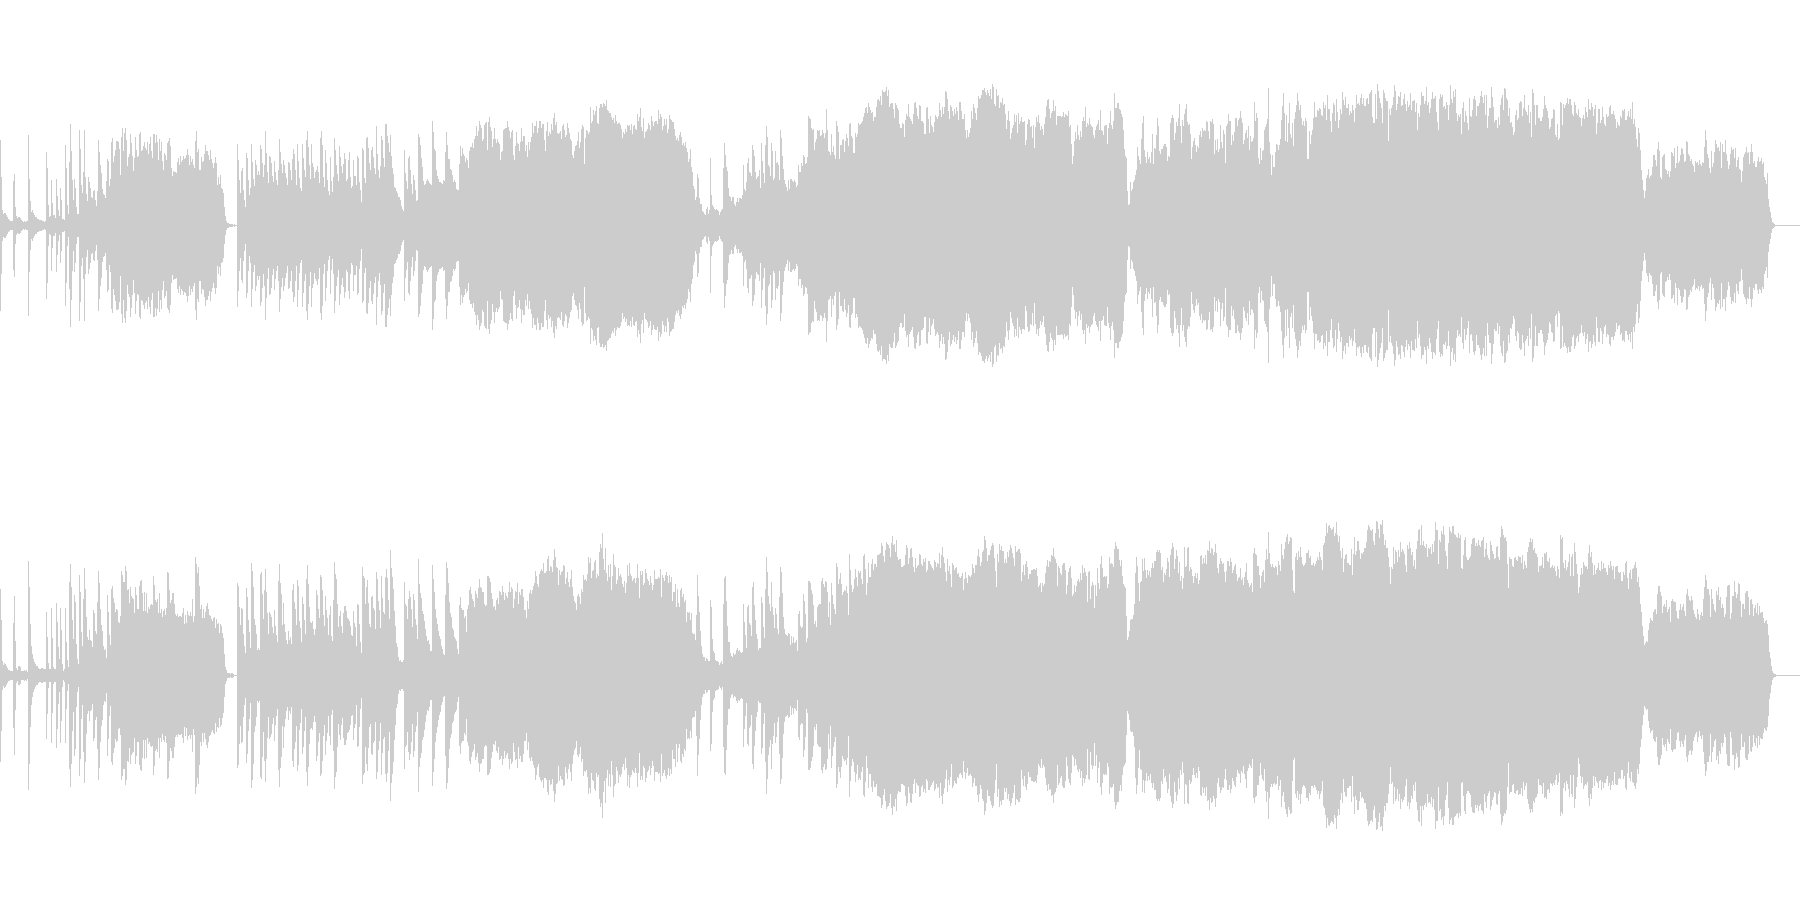 悲しい雰囲気の曲(チェロのソロあり)の未再生の波形